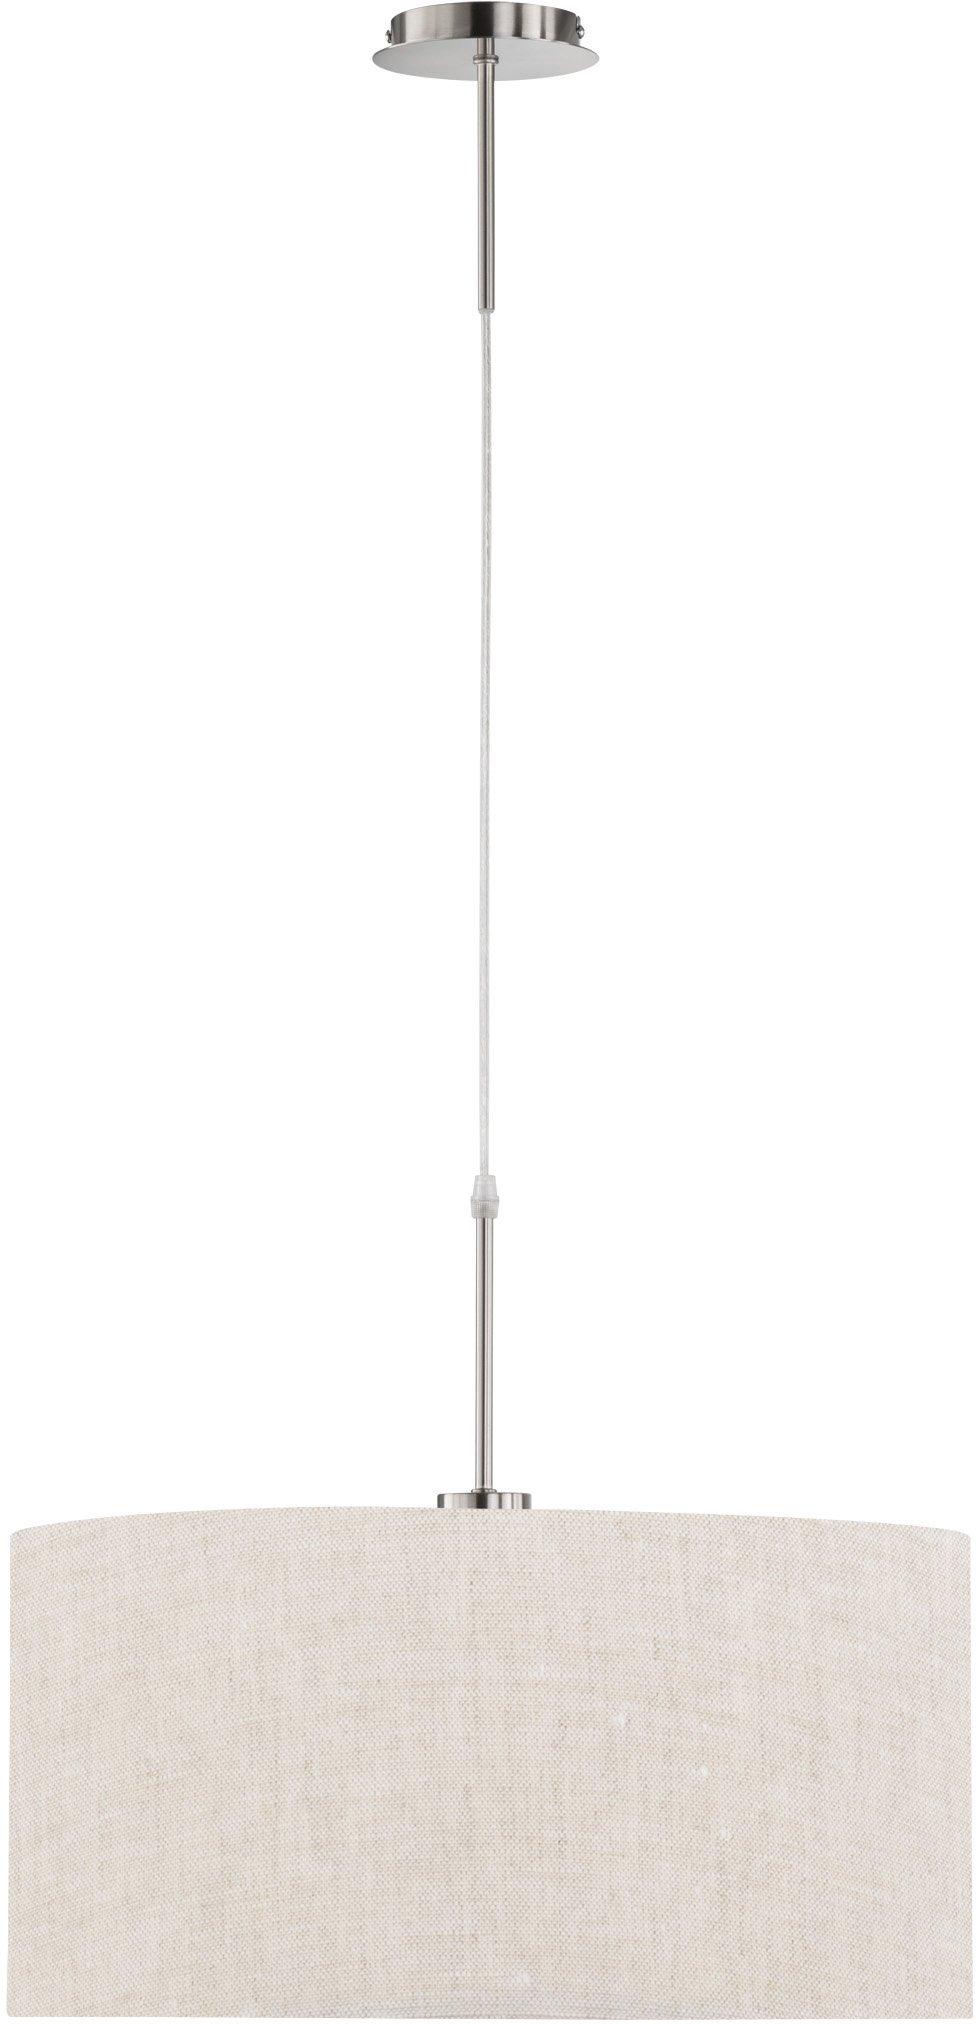 Honsel Leuchten hanglamp Marie goedkoop op otto.nl kopen